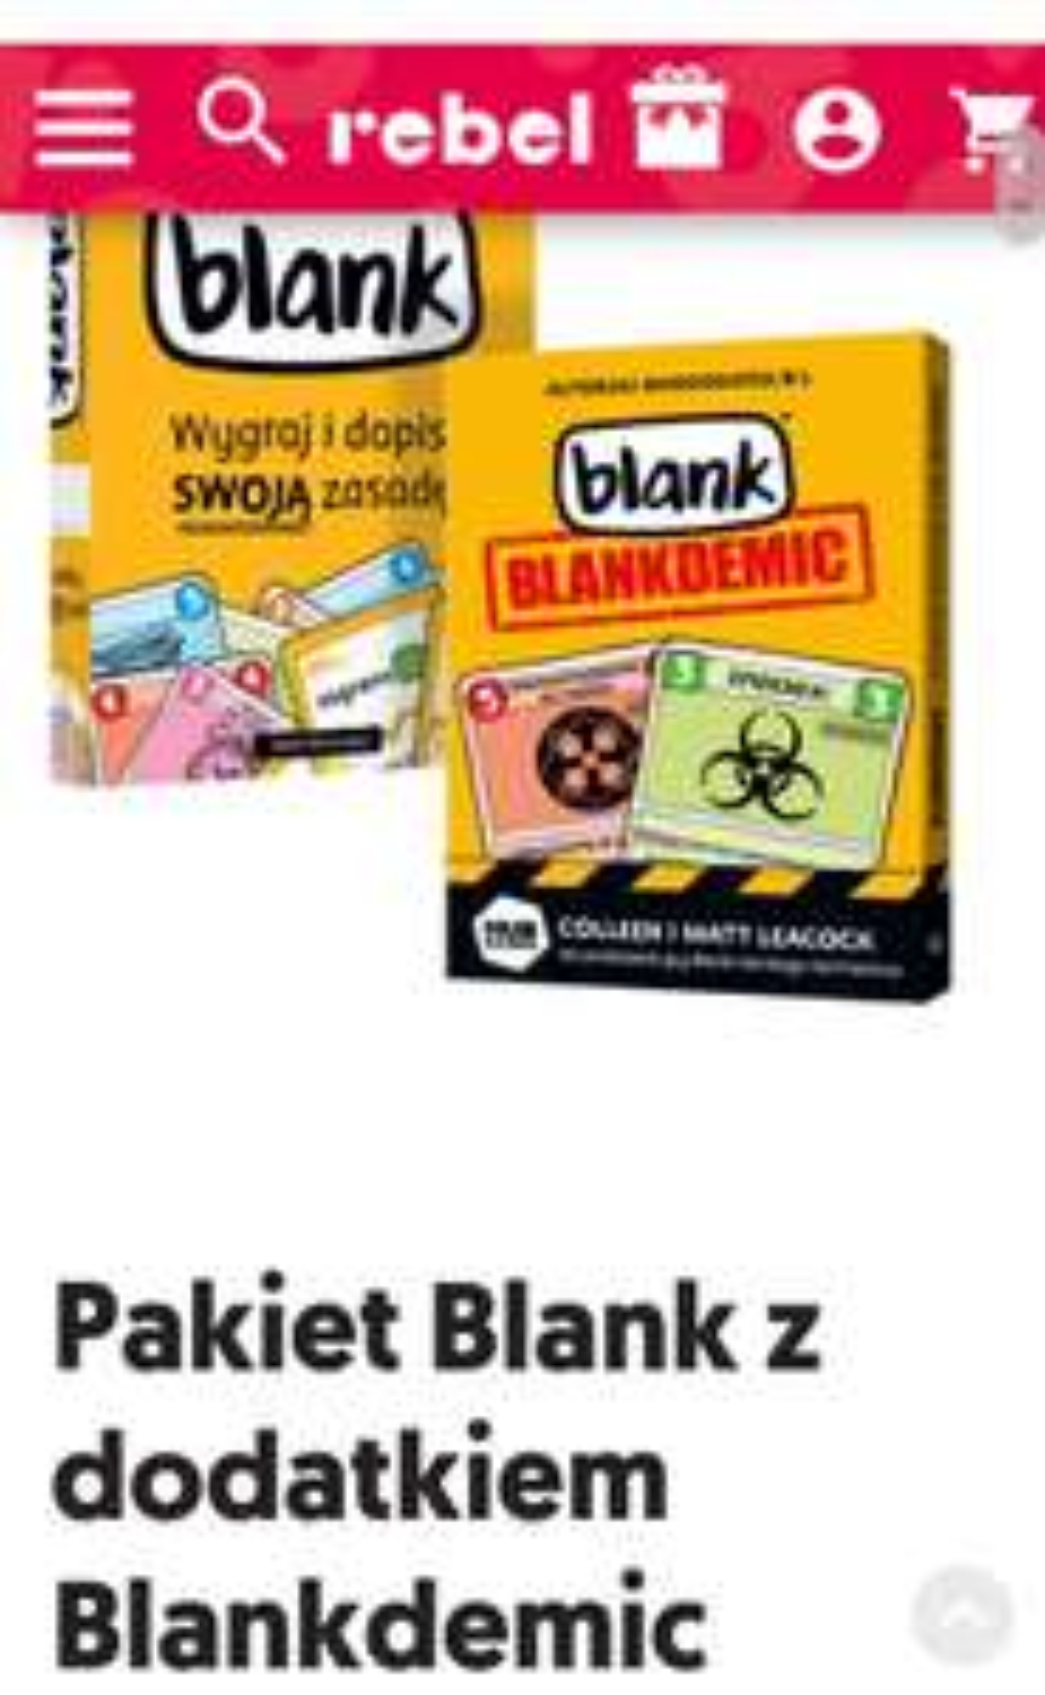 Pakiet Blank z dodatkiem Blankdemic